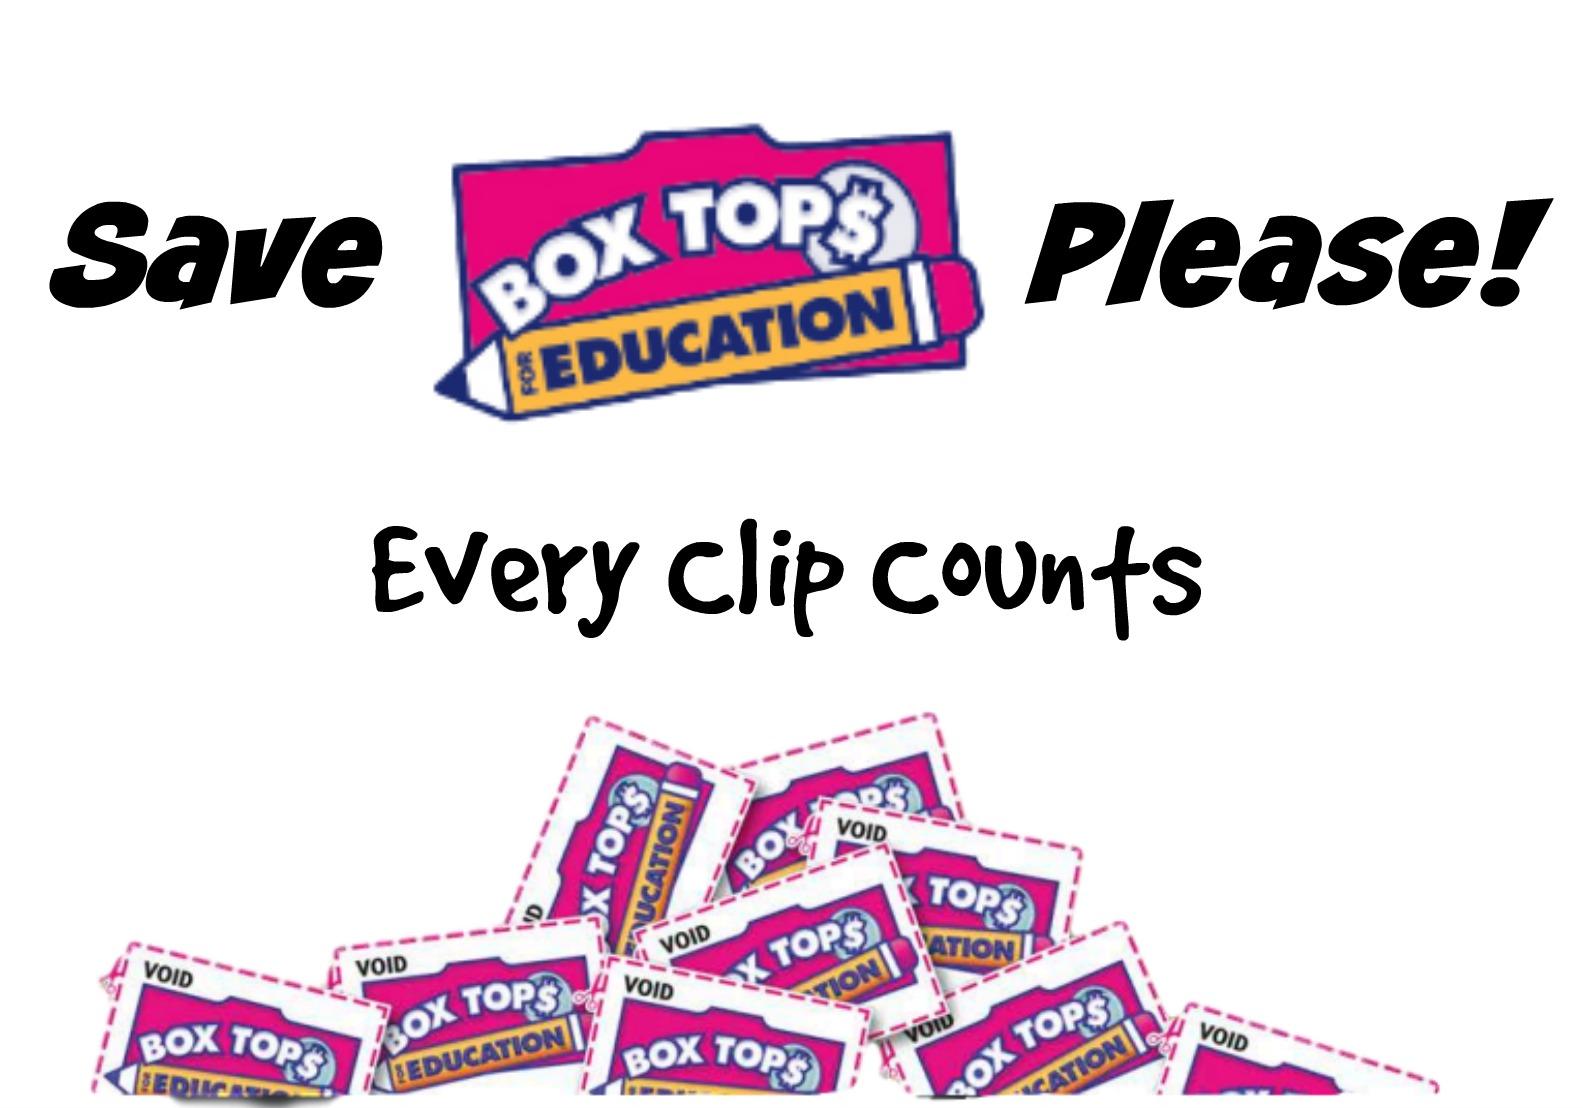 Box Tops Wanted!